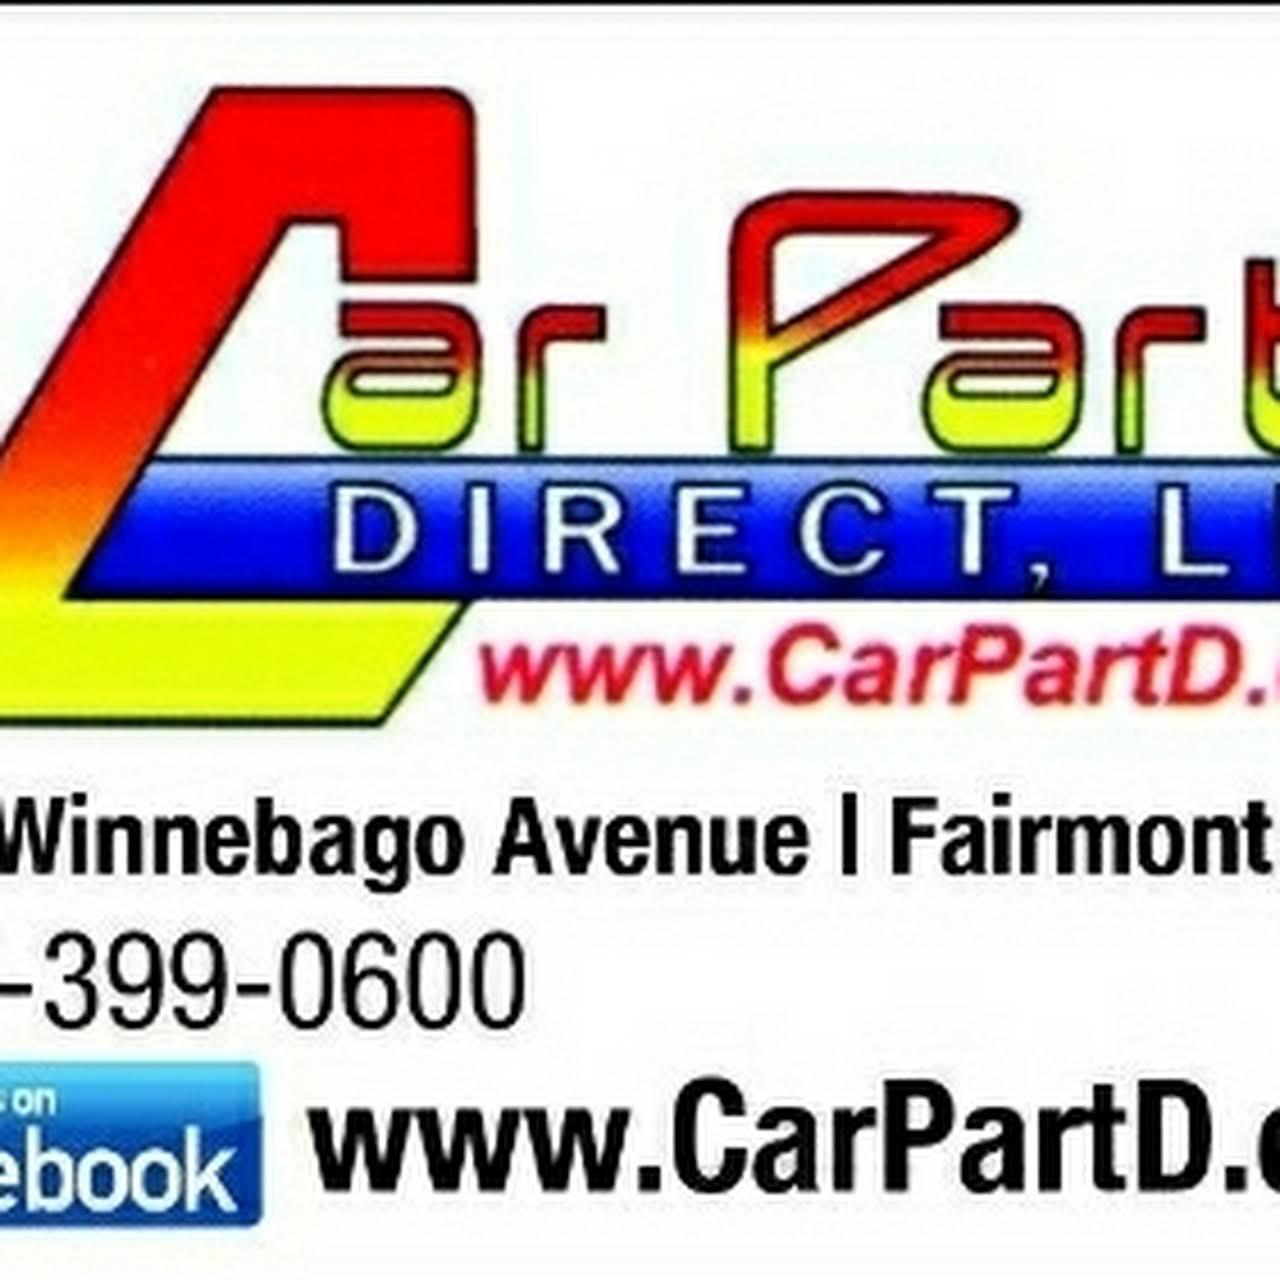 Car Parts Direct L L C Full Automotive Service Repair And New